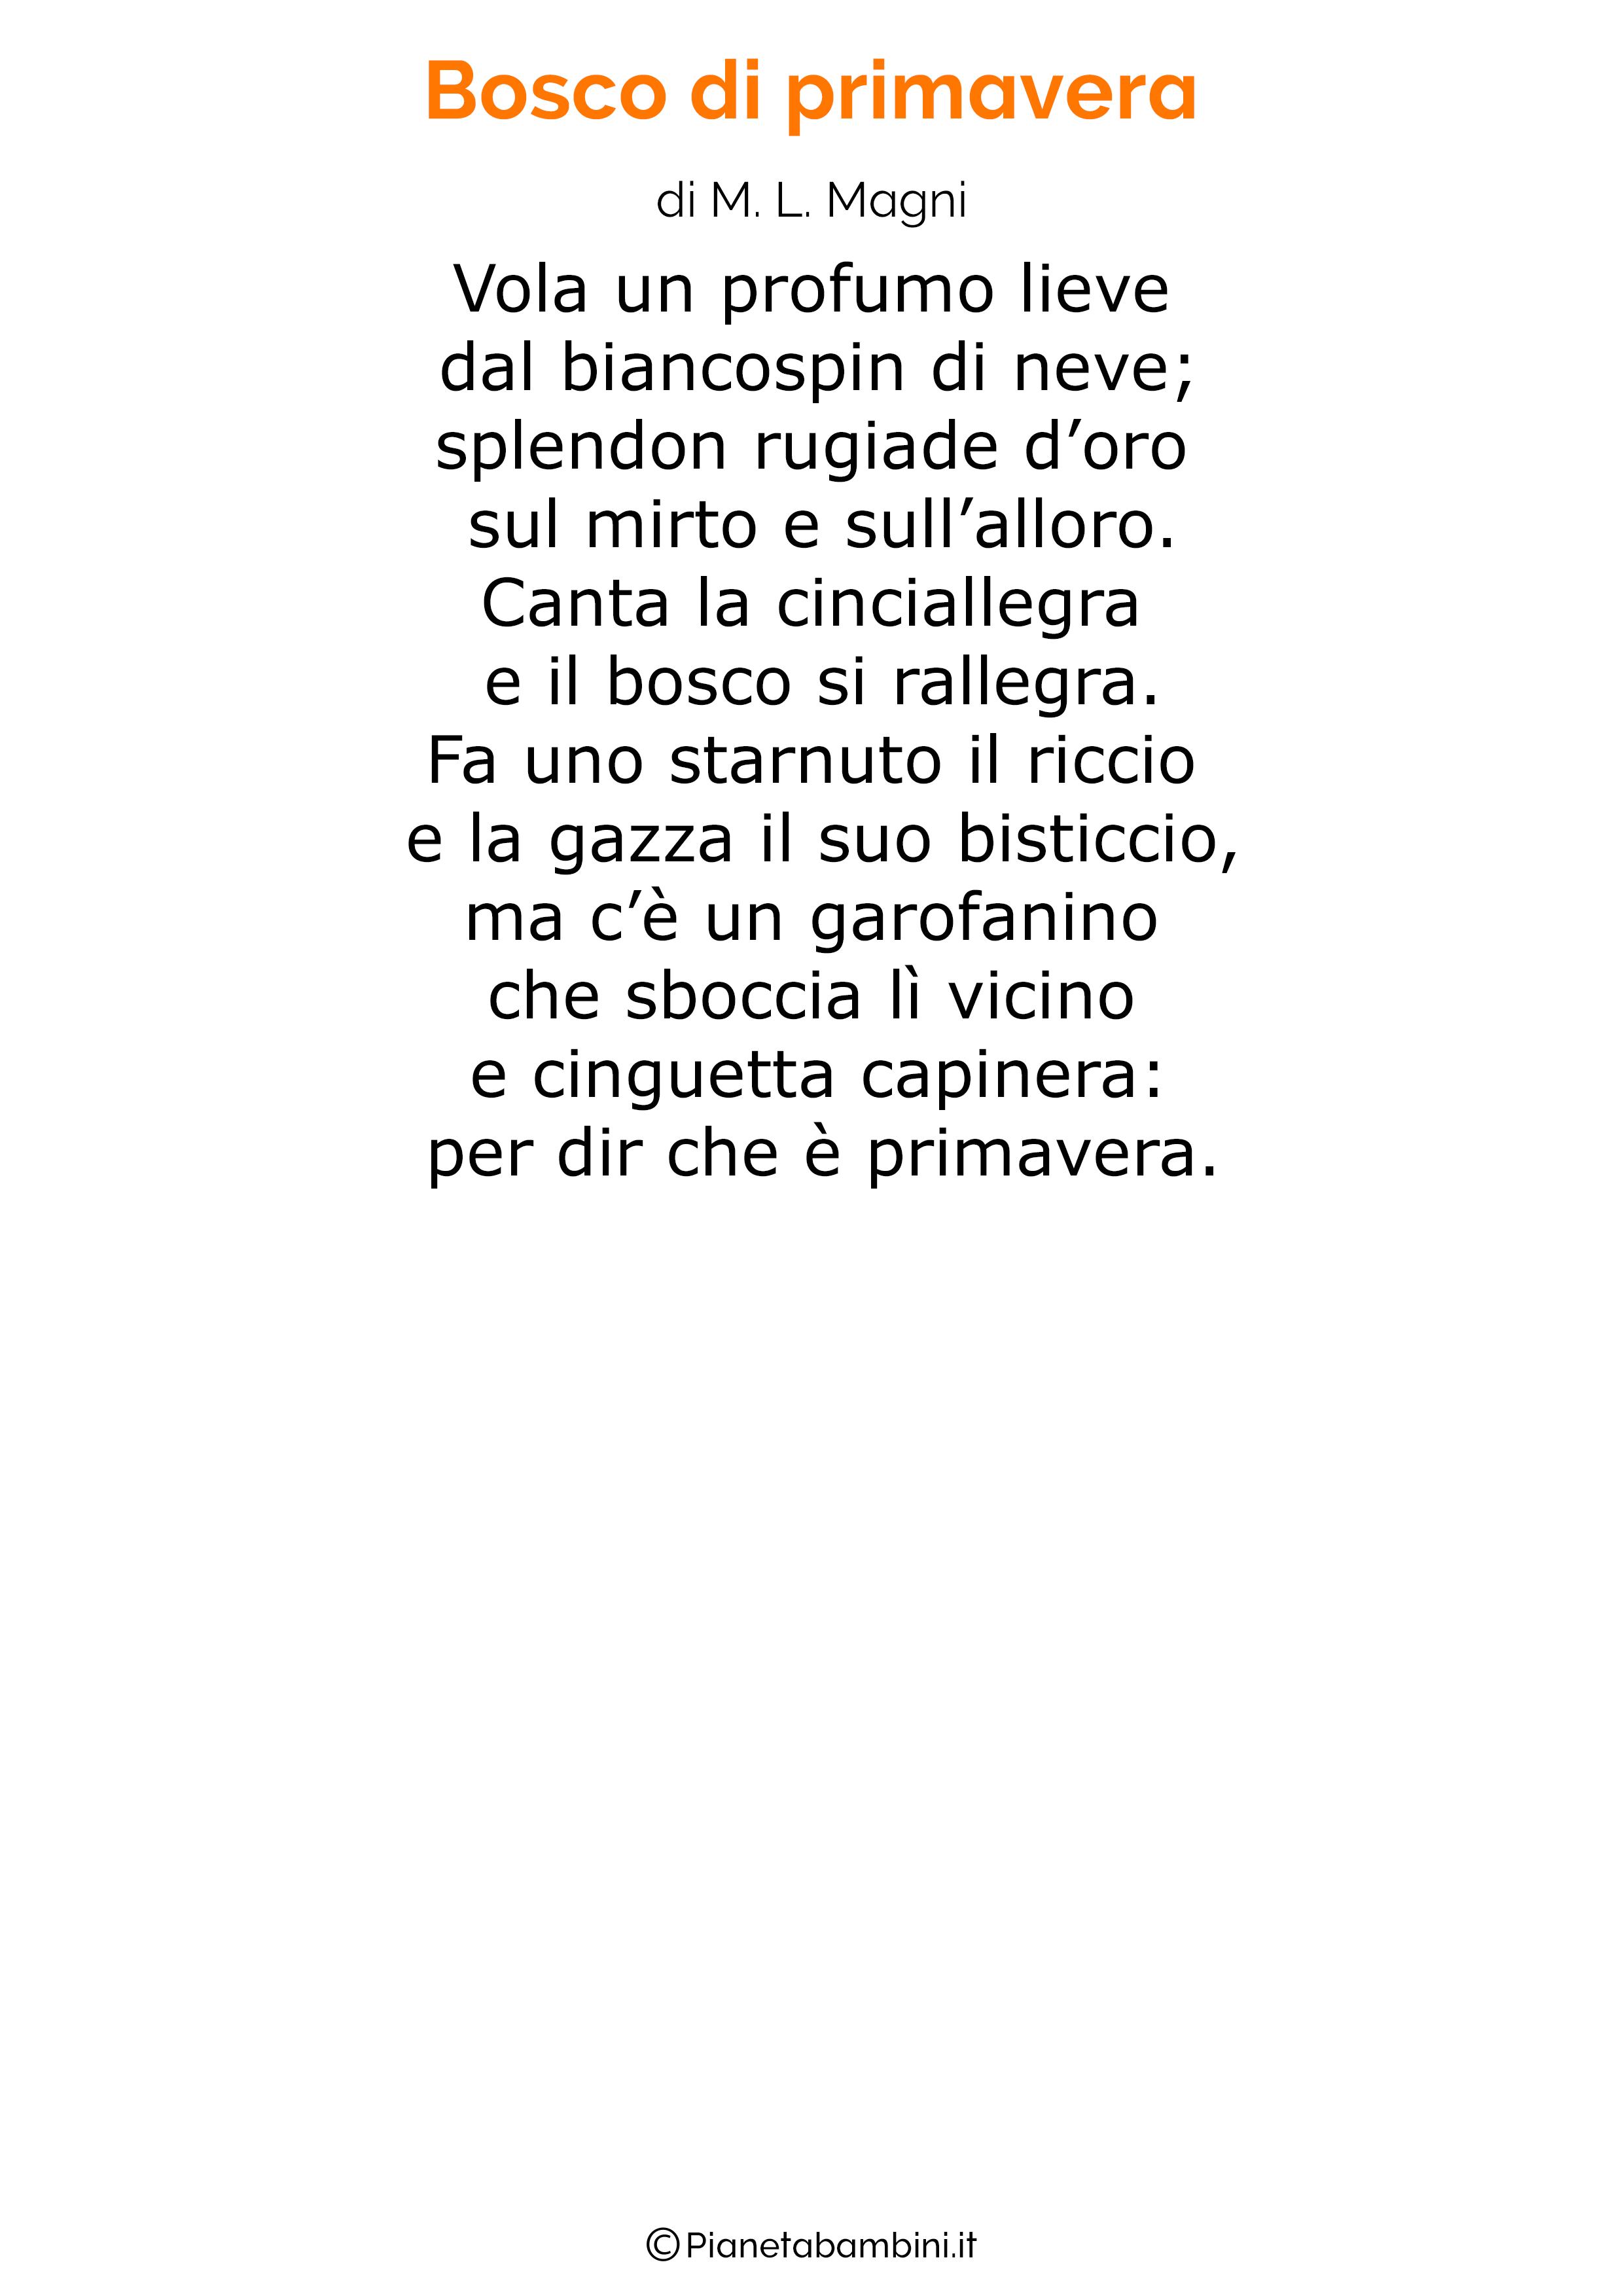 Poesia sulla Primavera 27